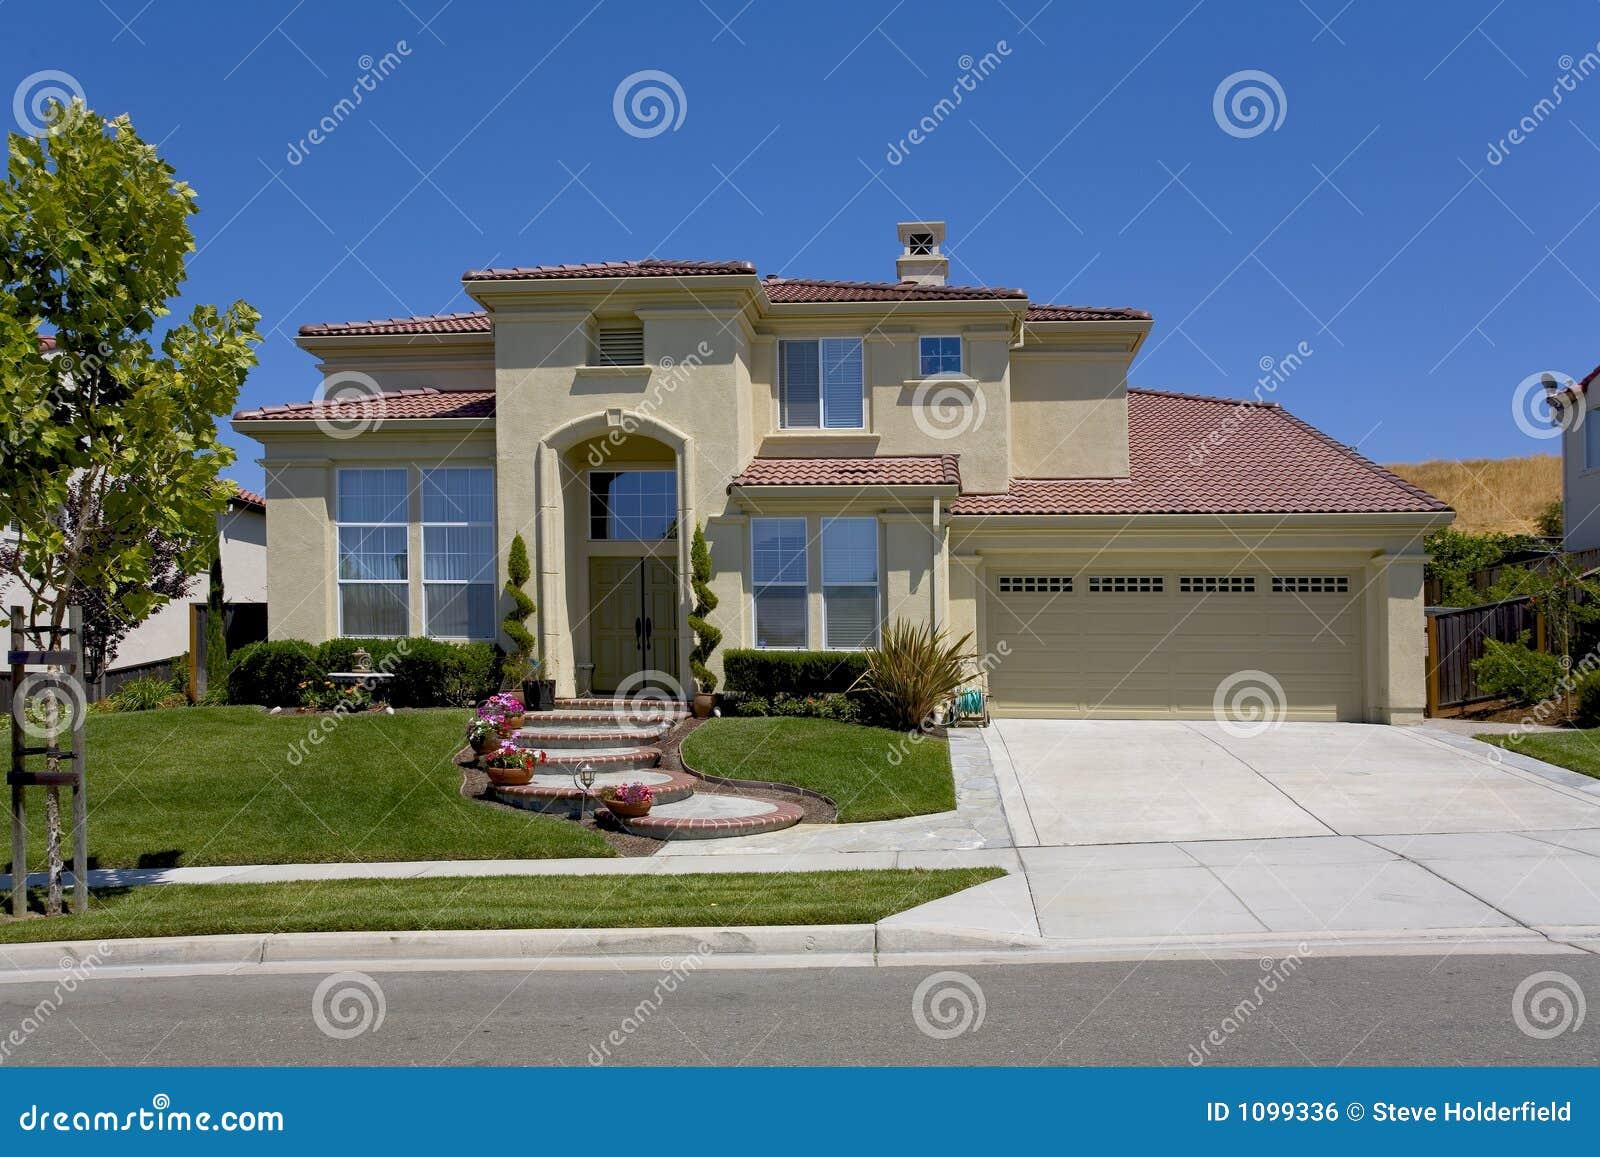 pi nuova casa a due piani spagnola immagine stock libera ForPiani Di Casa Di Villa Spagnola